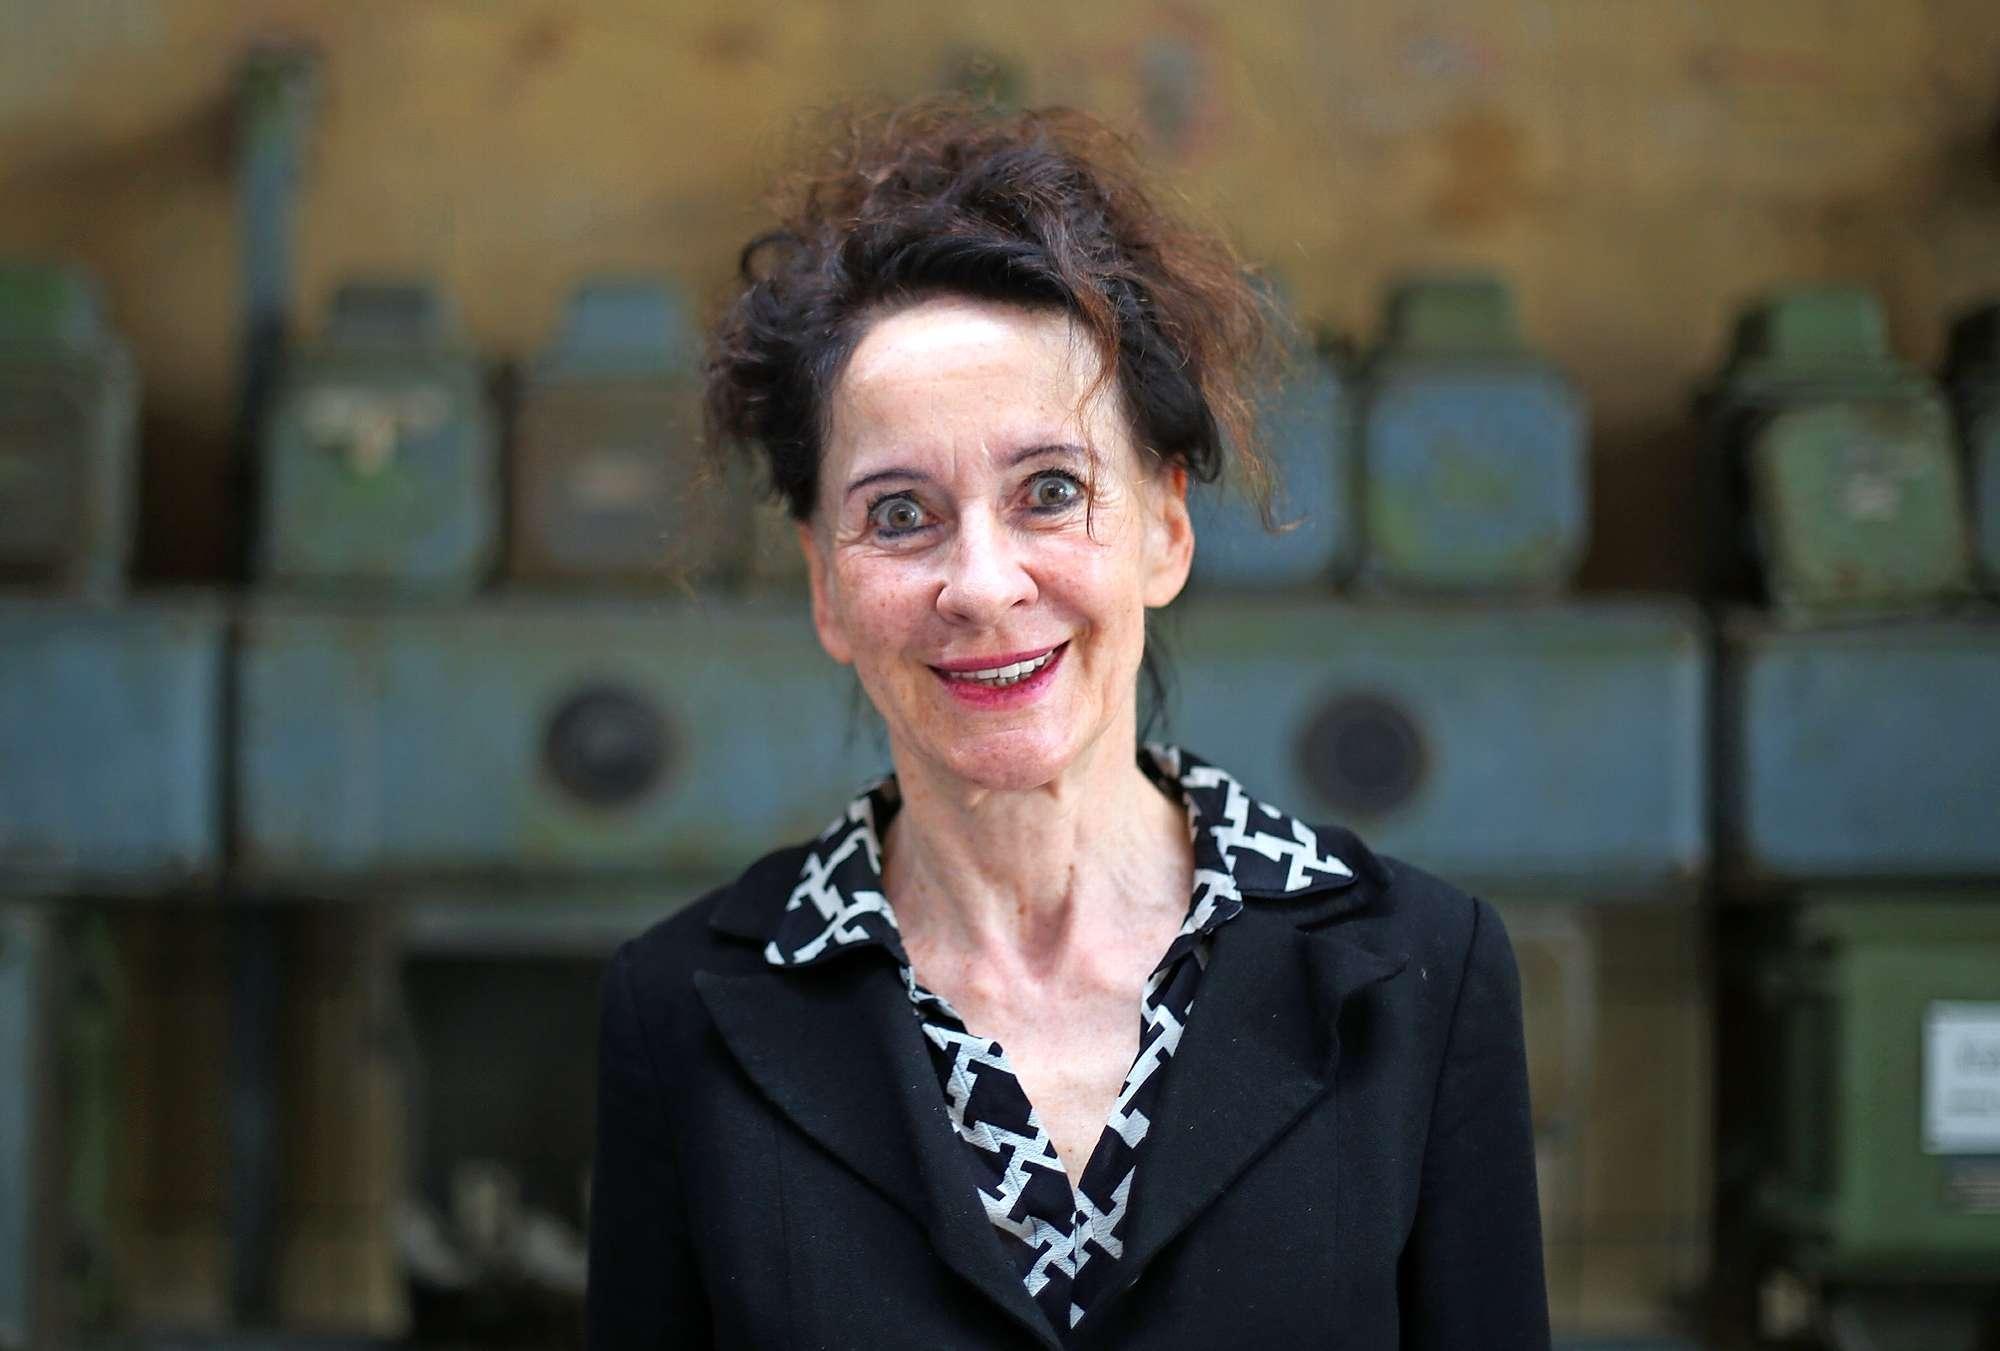 Stephanie Carp, Leiterin der Ruhrtriennale, lächelt in die Kamera